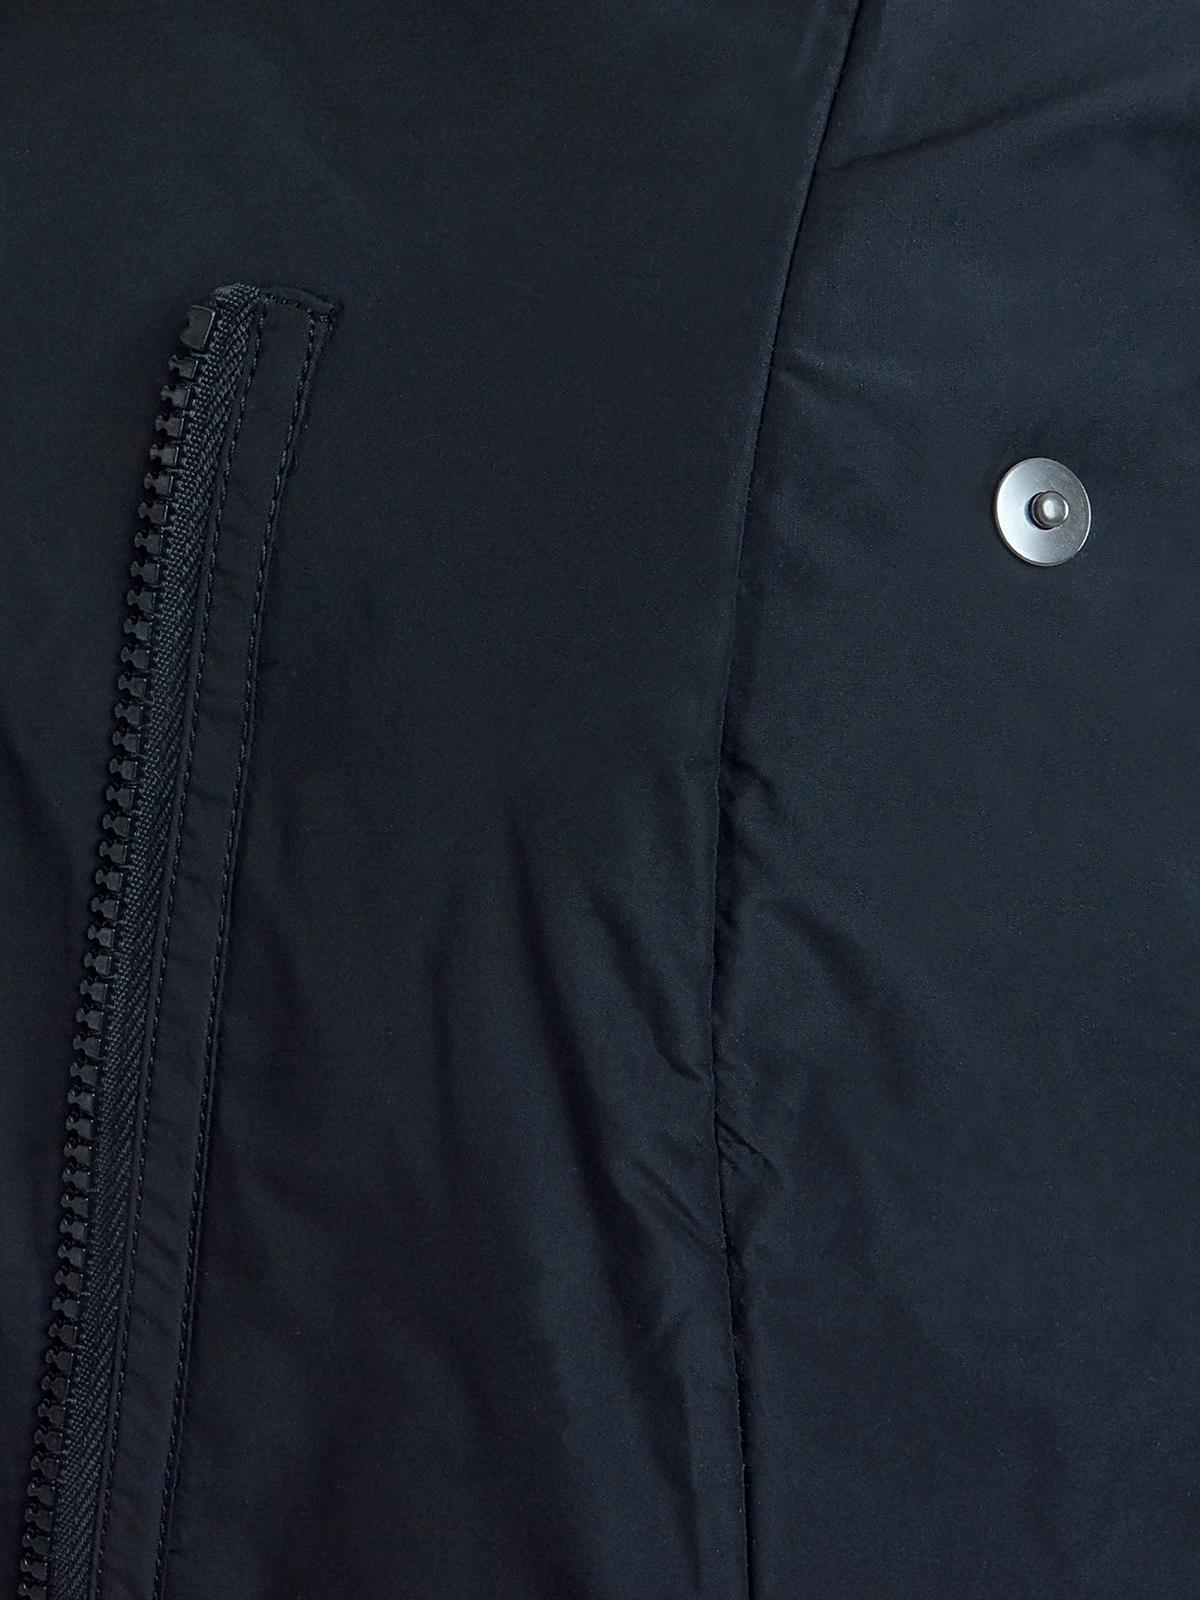 NAPOLI Куртка 373080-023 Фото 3